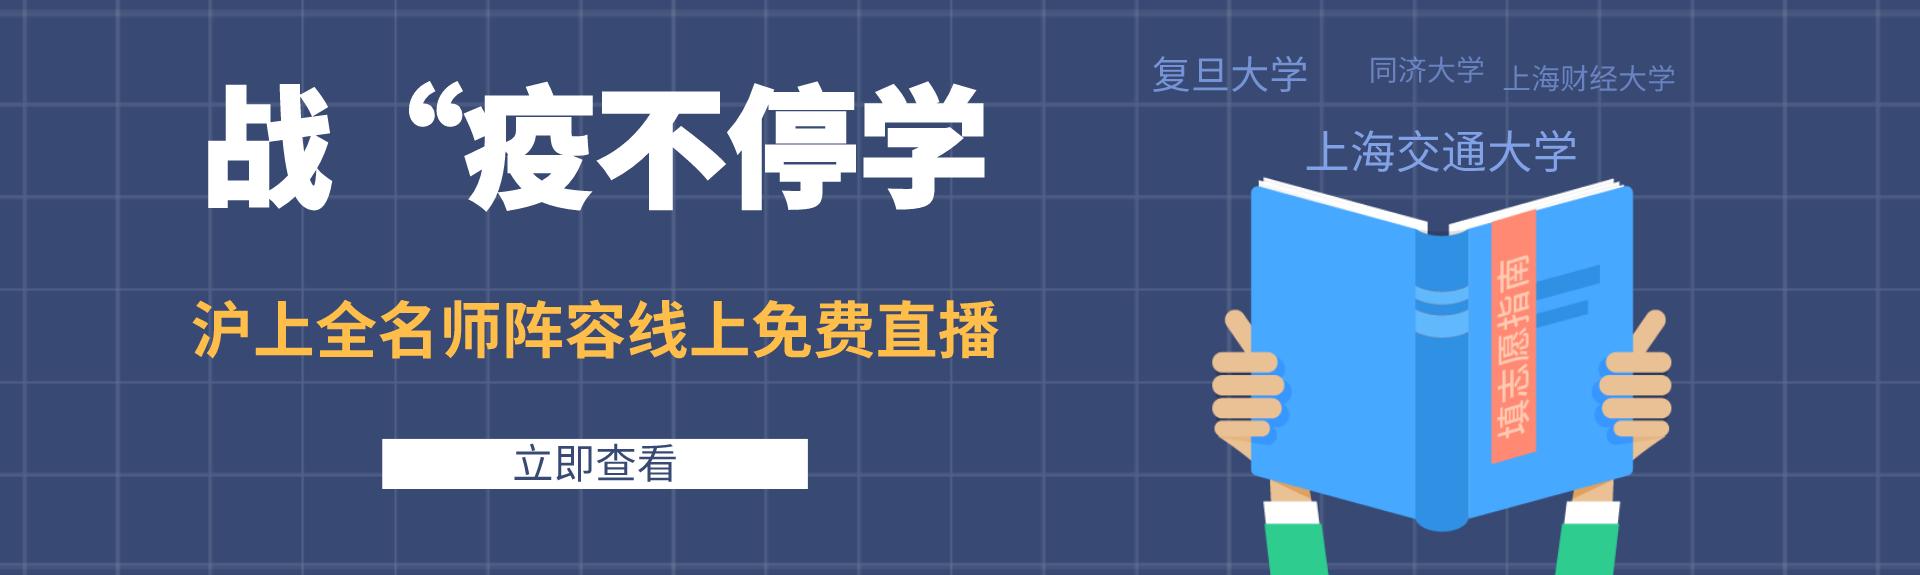 征辰教育-沪上全名师免费直播课